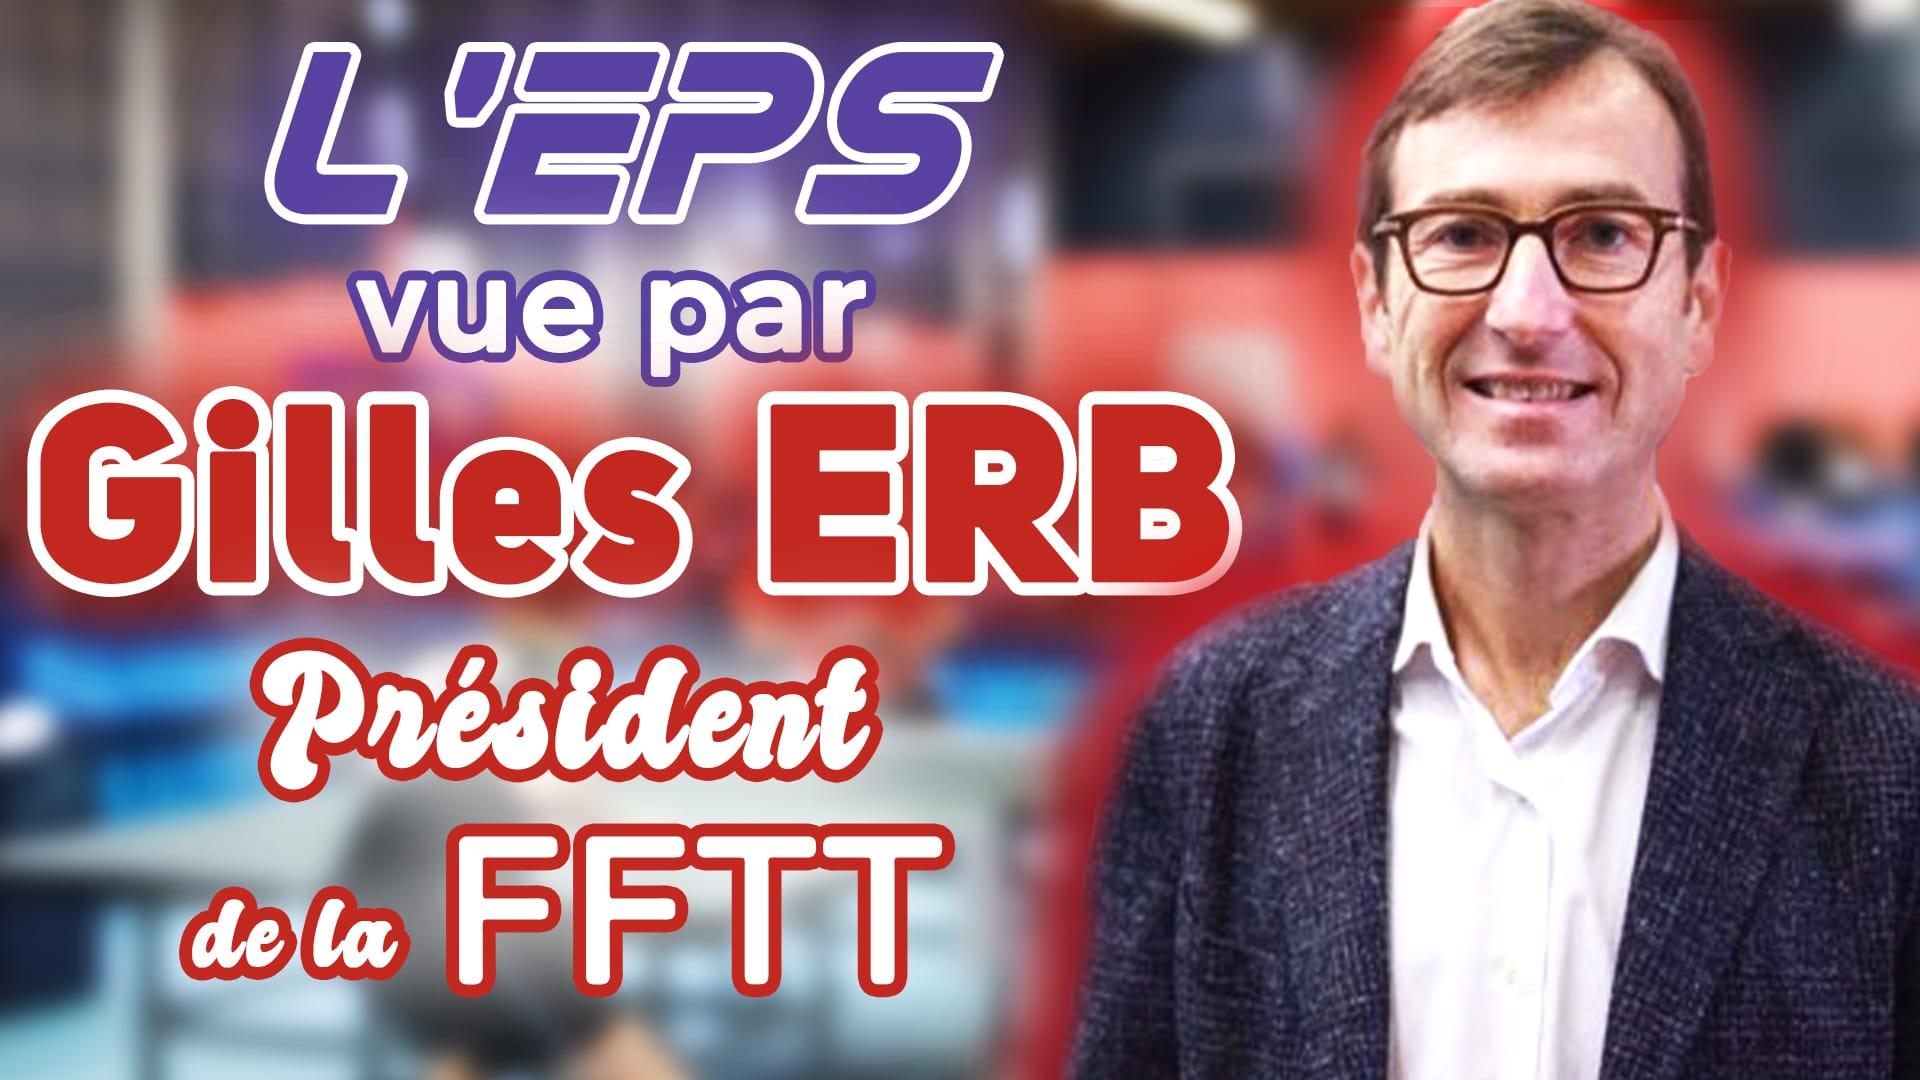 Gilles ERB, nouveau président de la FFTT: sa vision de l'EPS à l'école